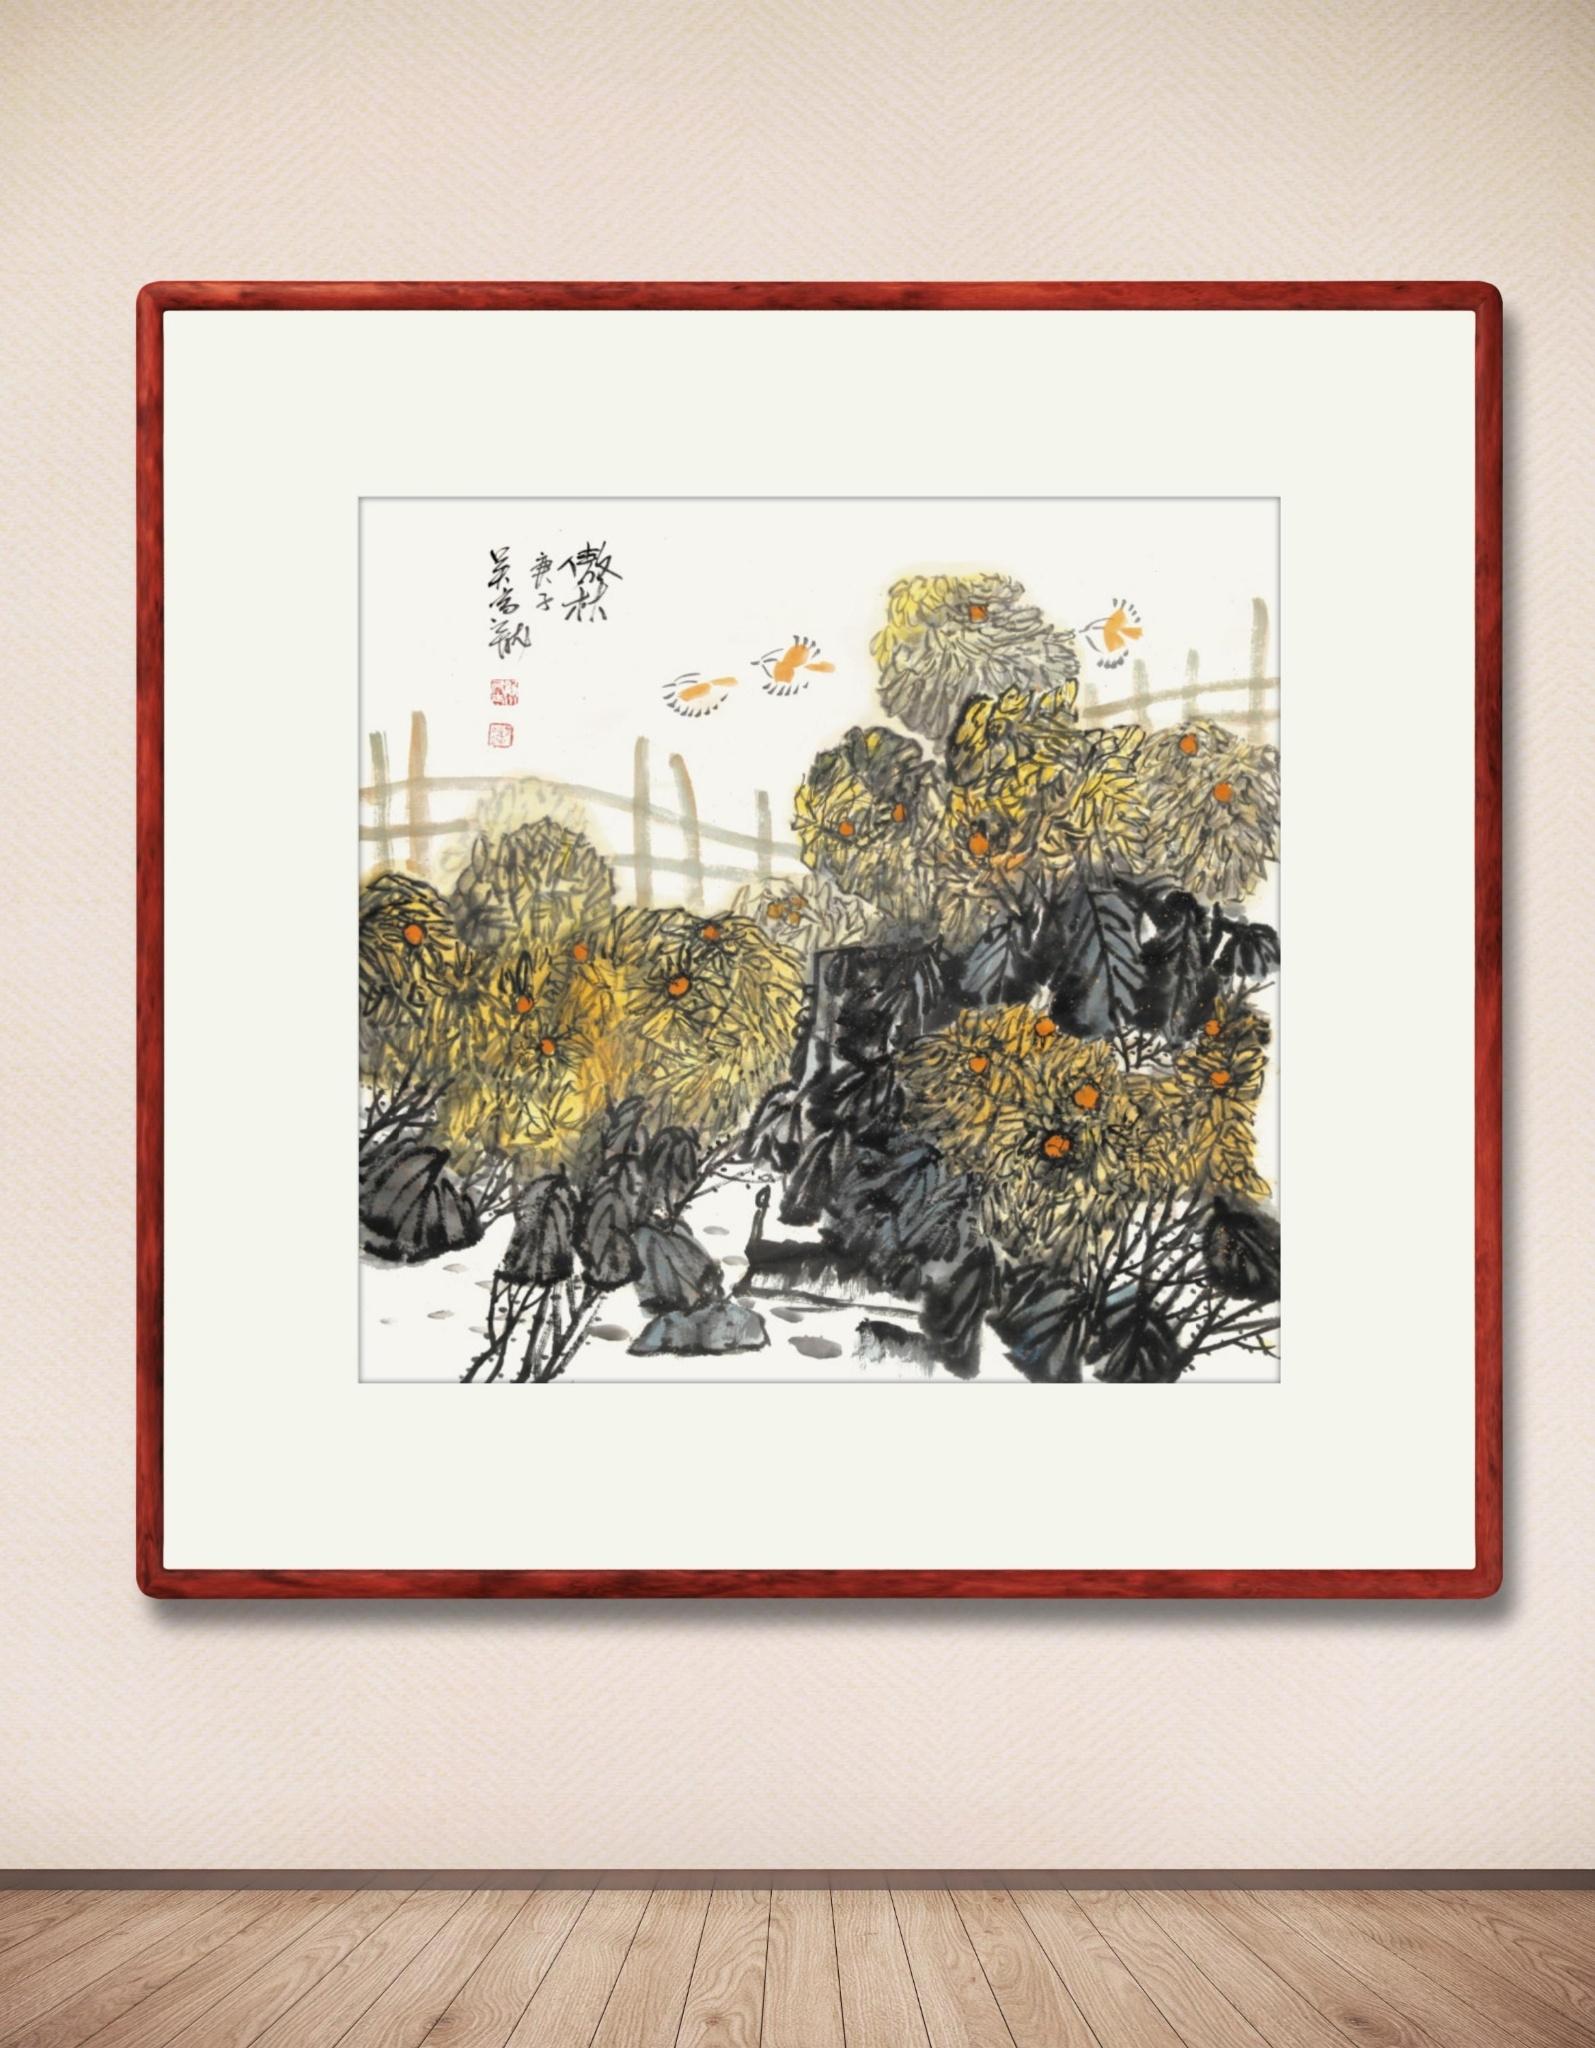 内蒙古草原艺术节